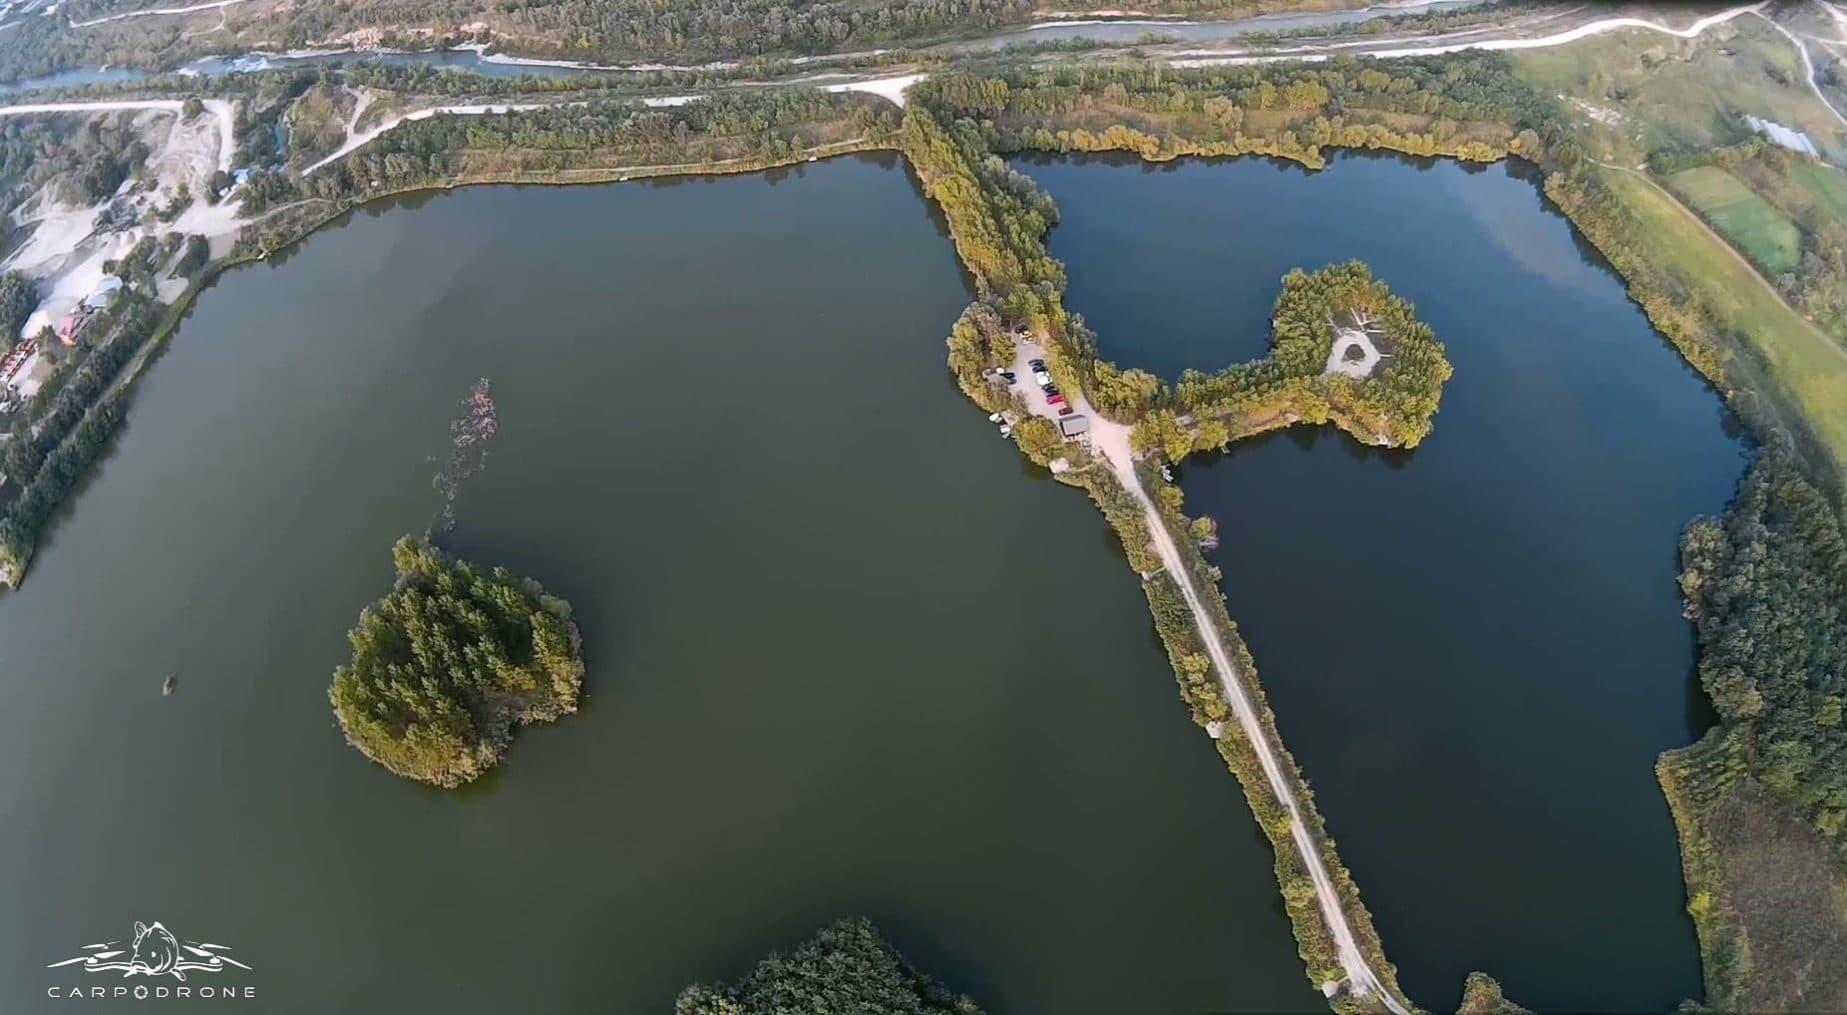 Nada noua testata pe lacul Varlaam